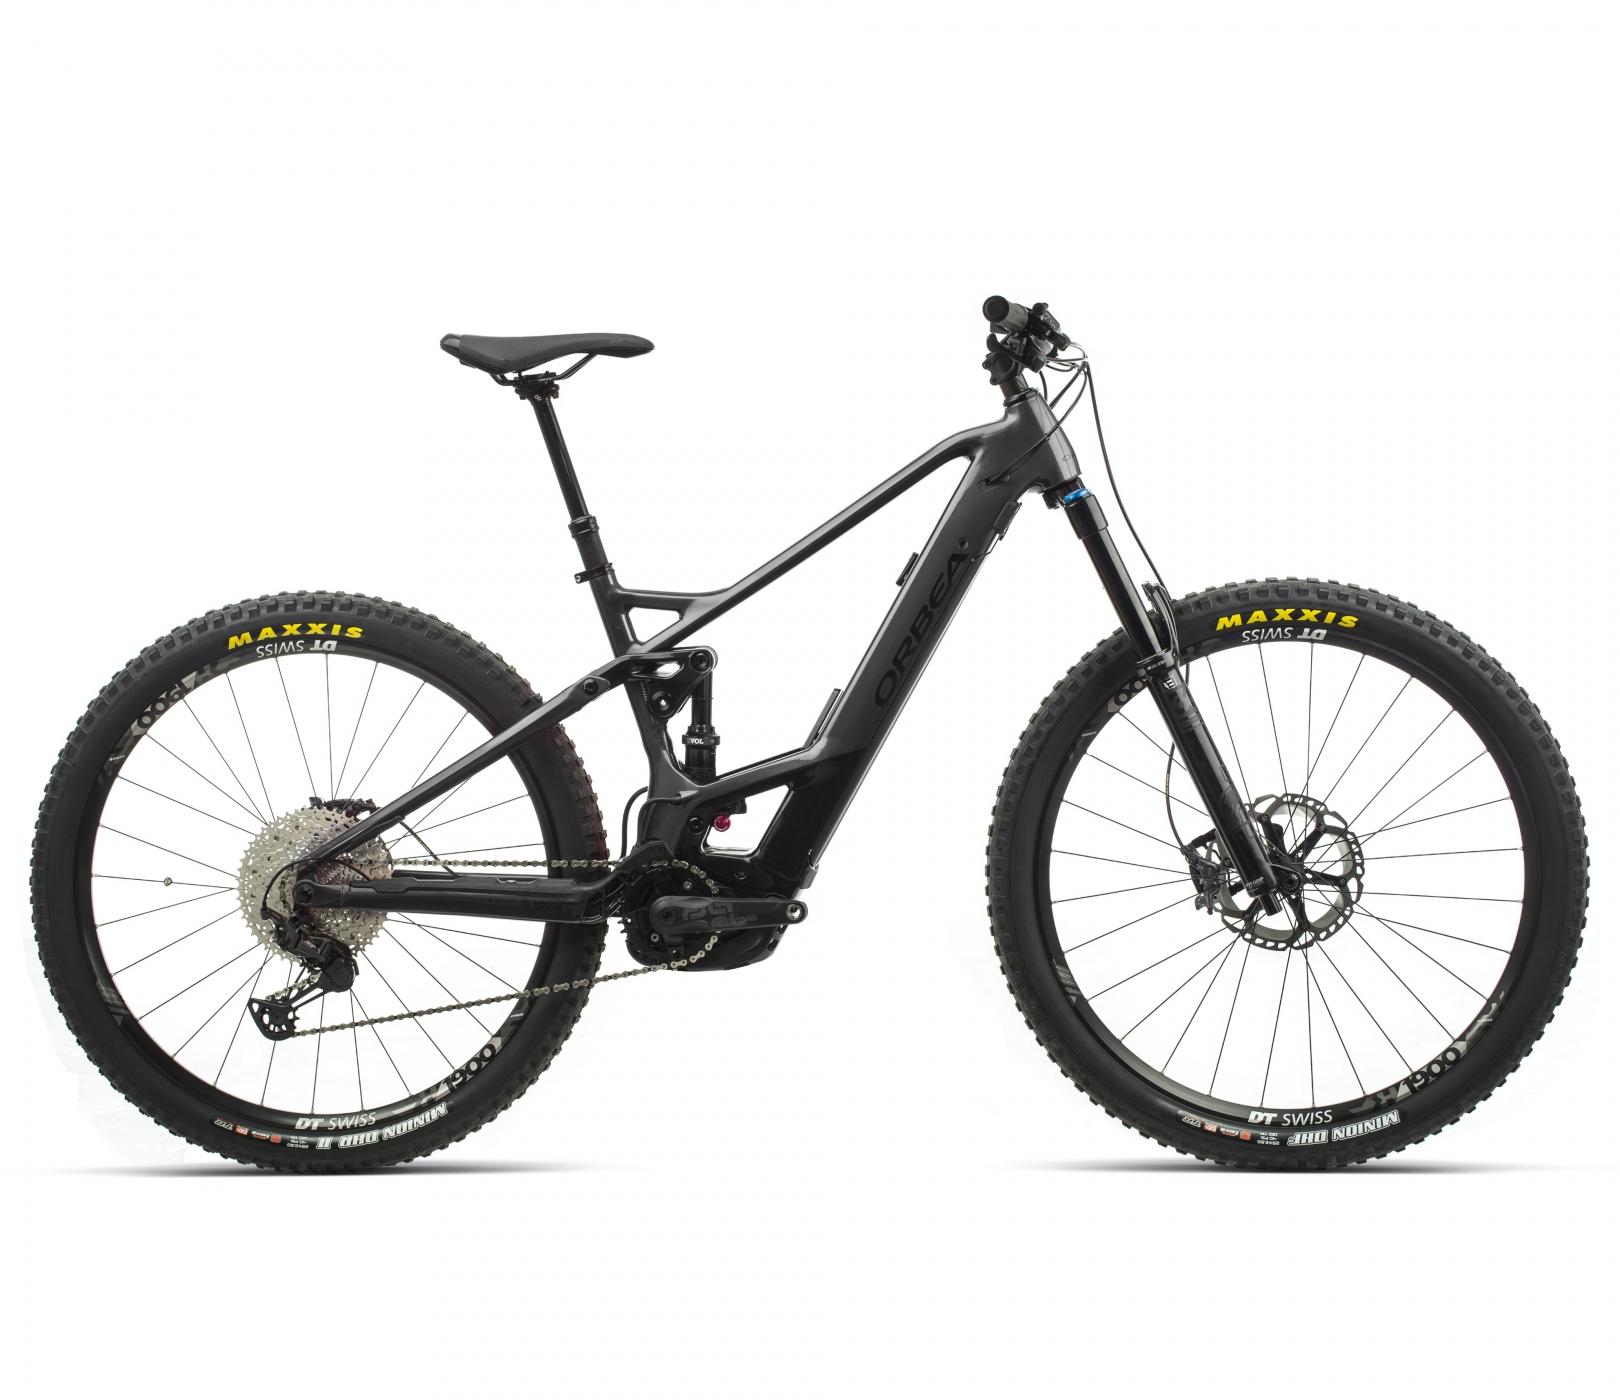 ORBEA WILD FS H10 eBike - GRAFIET / ZWART (GLOSS) @G-Bikes